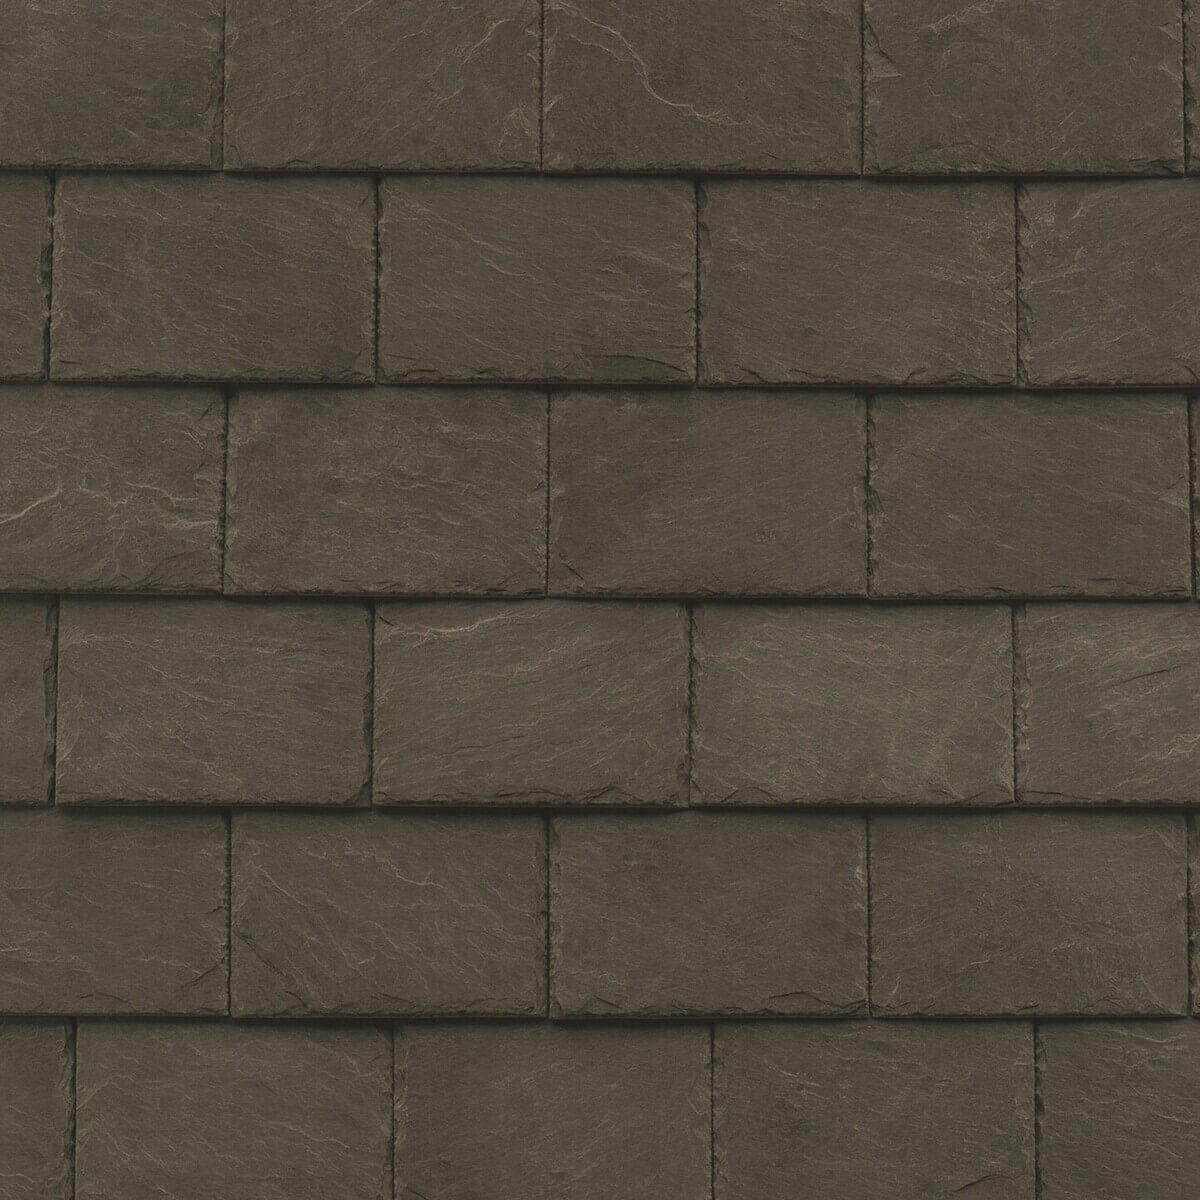 Dacheindeckung Steildach: Schiefer (Detailaufnahme)